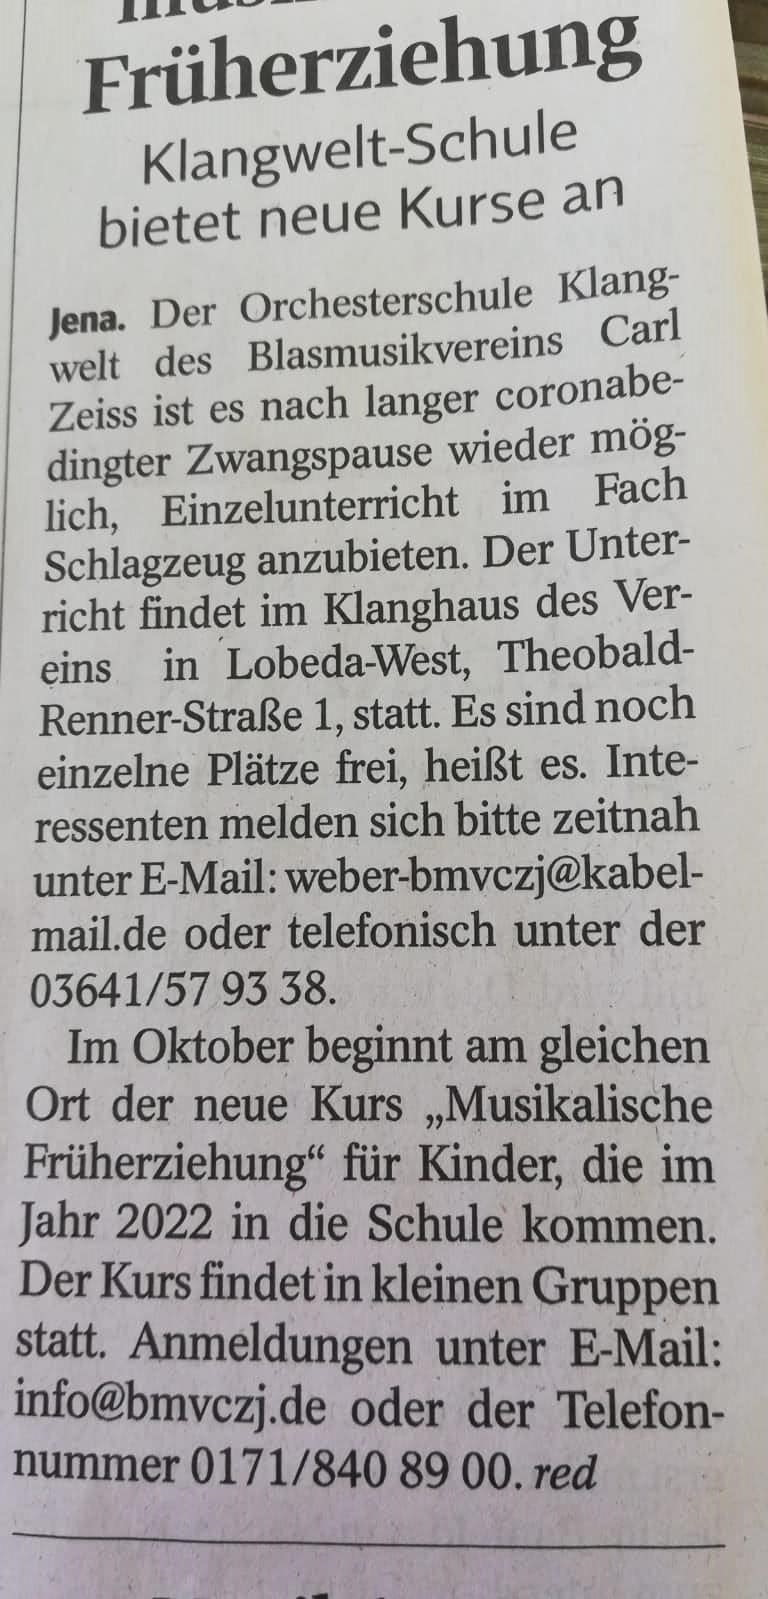 Artikel OTZ Beginn neues Schuljahr Orchesterschule KLANGwelt